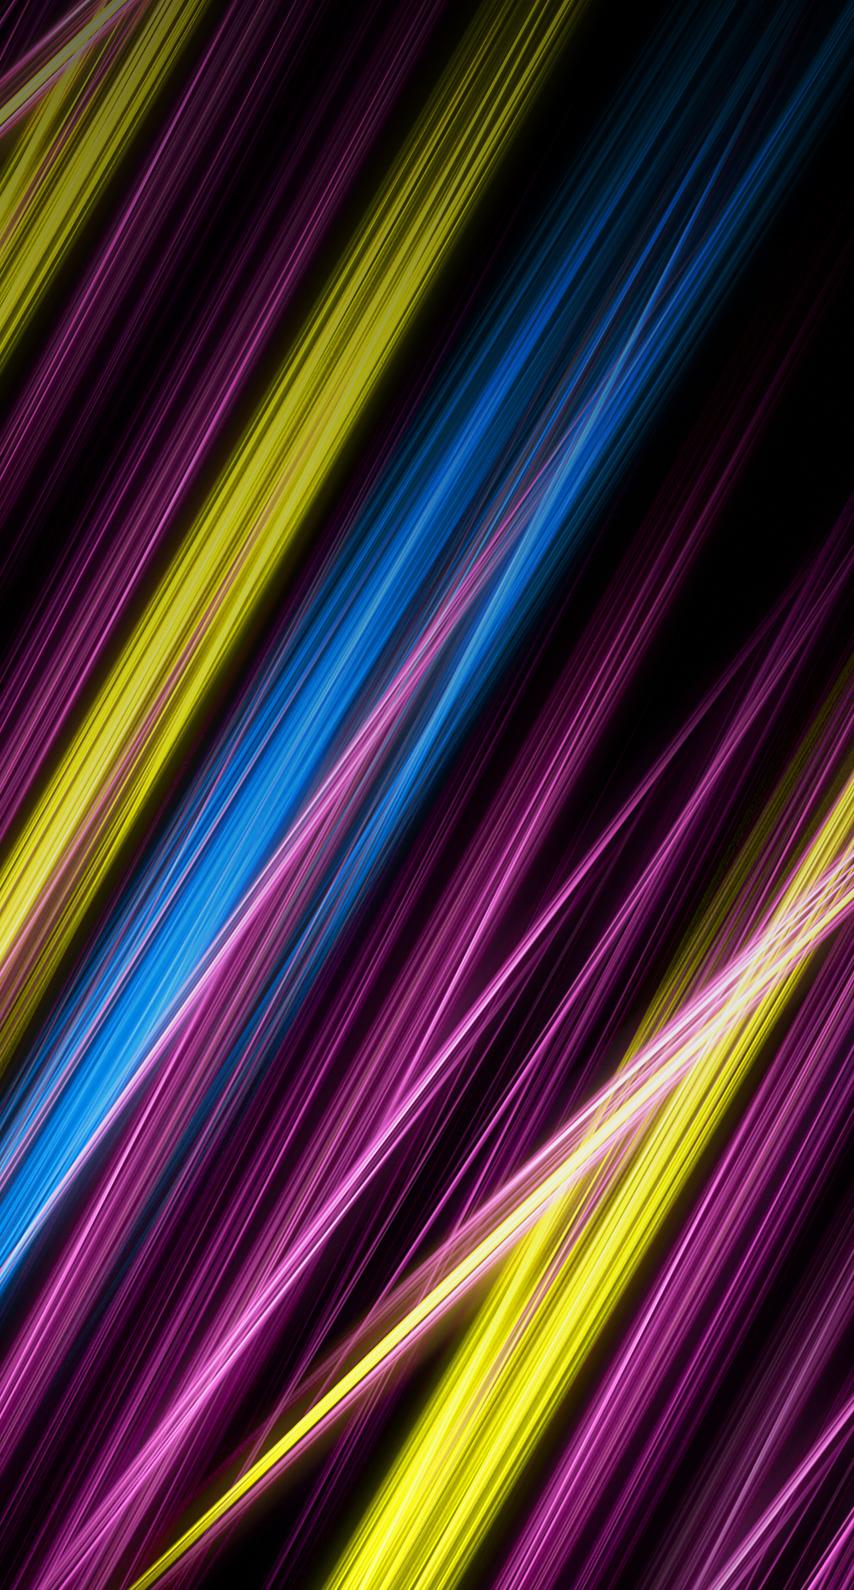 glowy, artistic